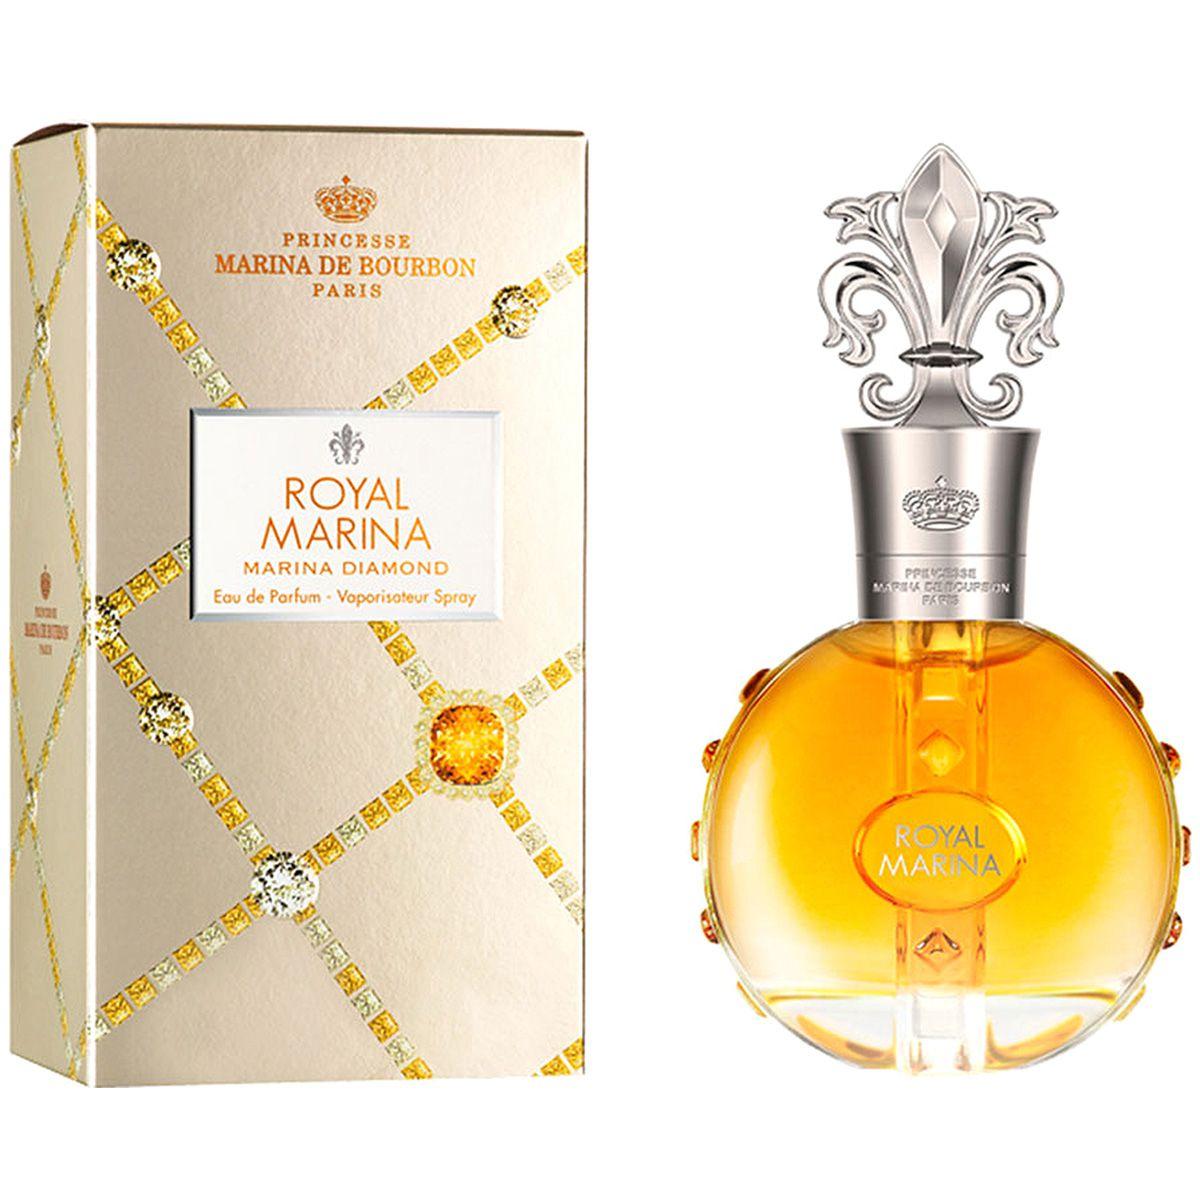 Royal Marina Diamond Perfume Feminino - Eau de Parfum